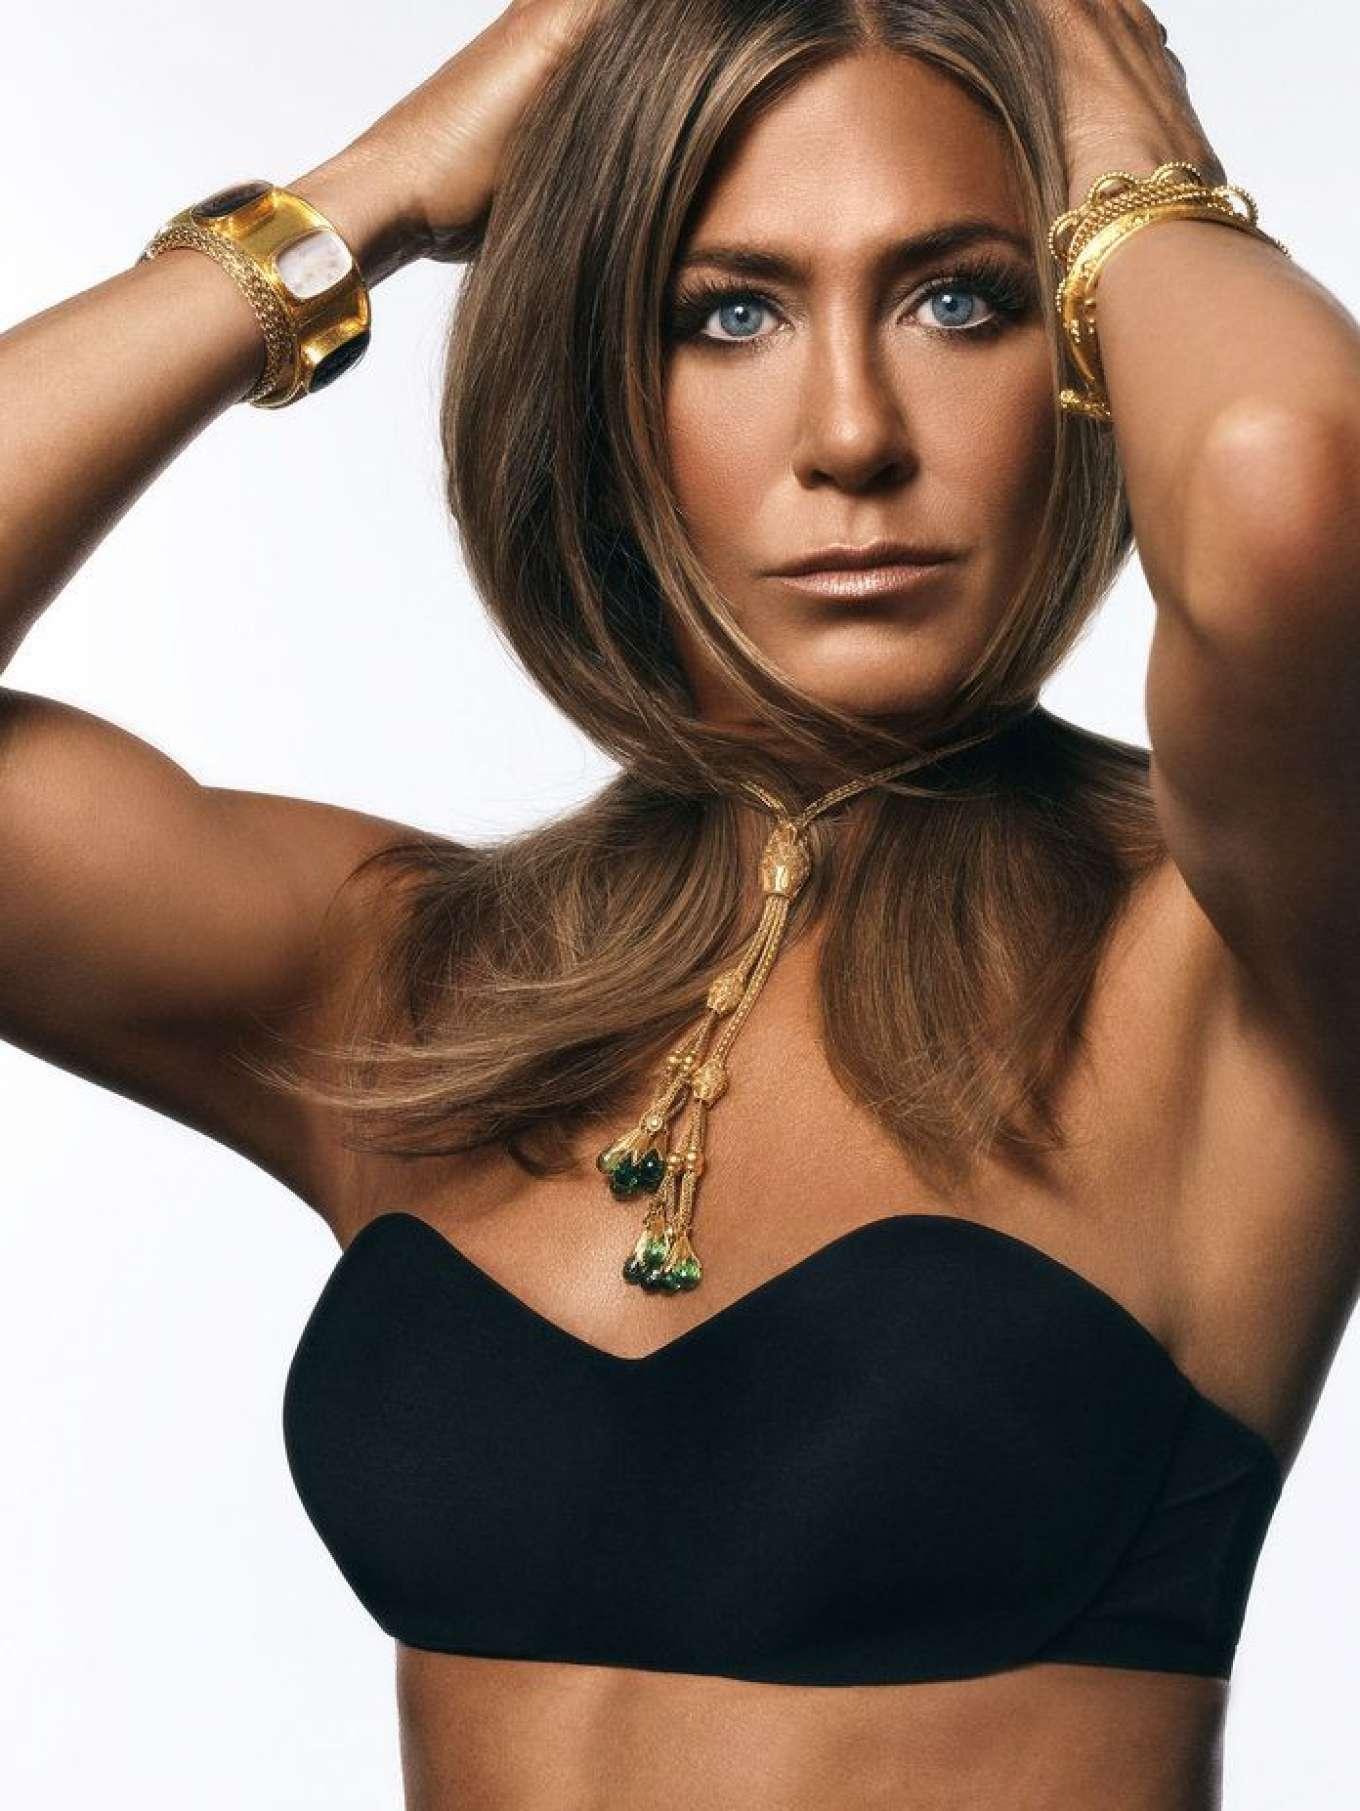 Jennifer Aniston - InStyle Magazine (October 2019) adds